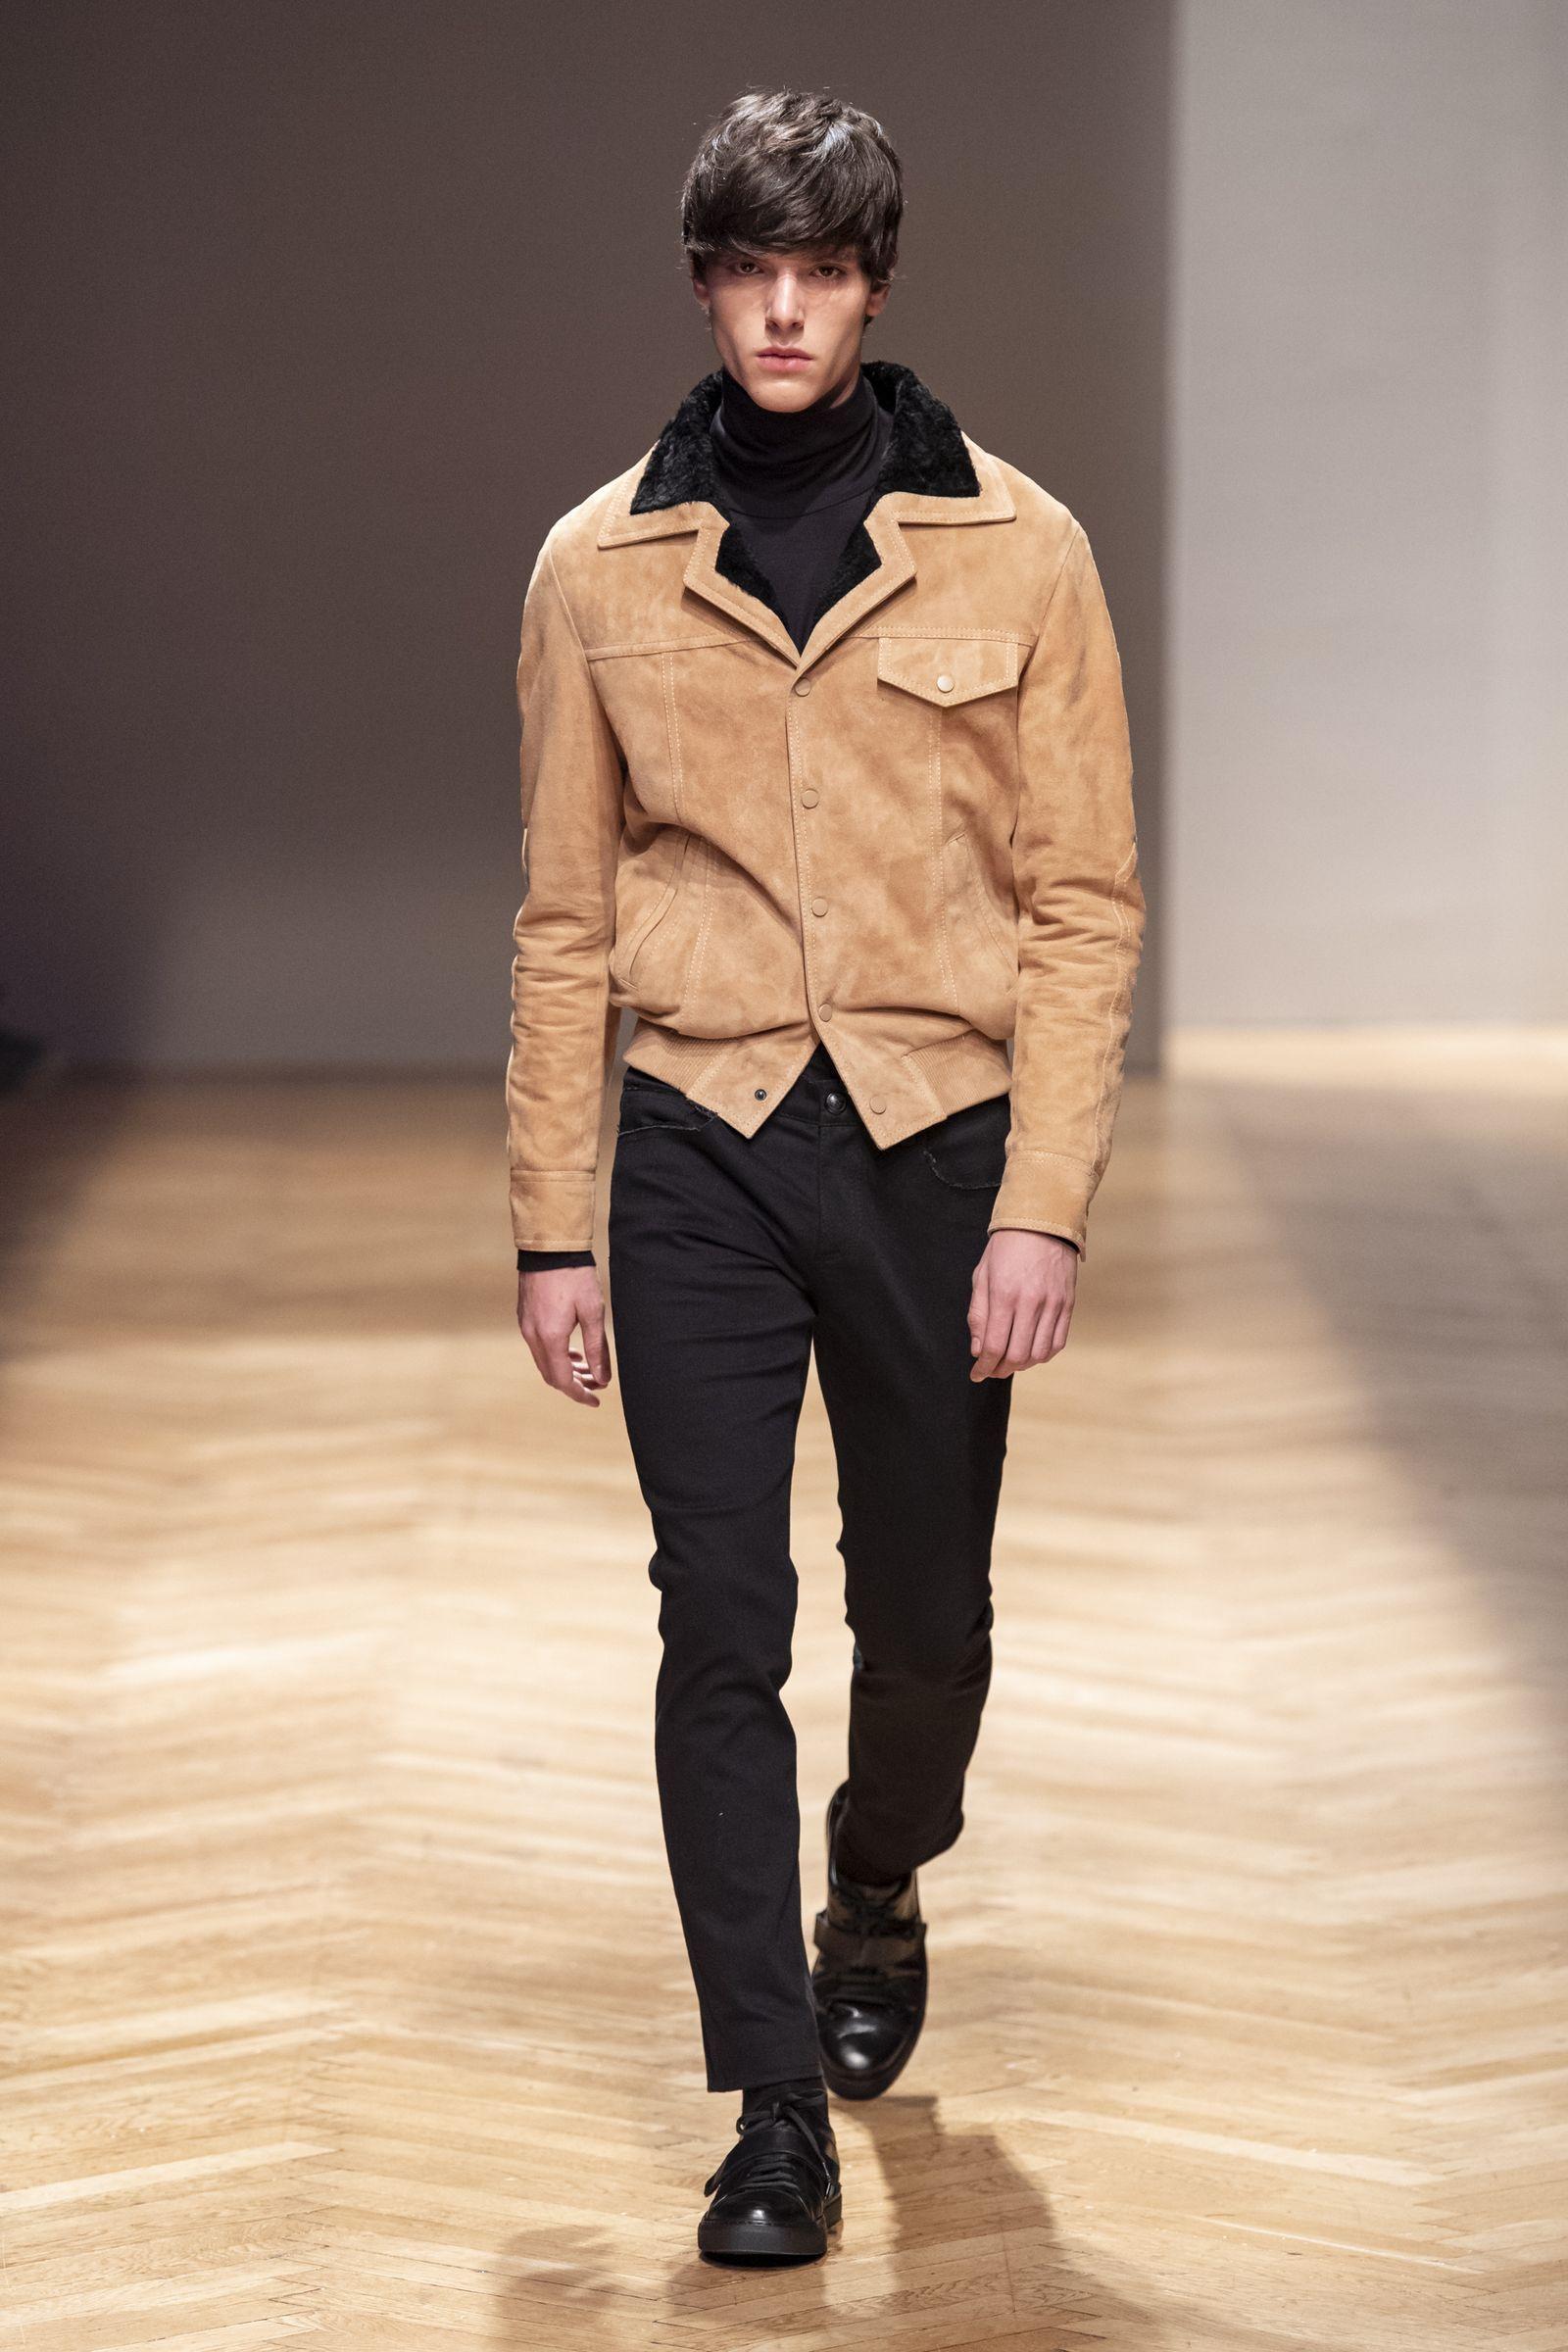 27+ Moda uomo 2020 inverno ideas